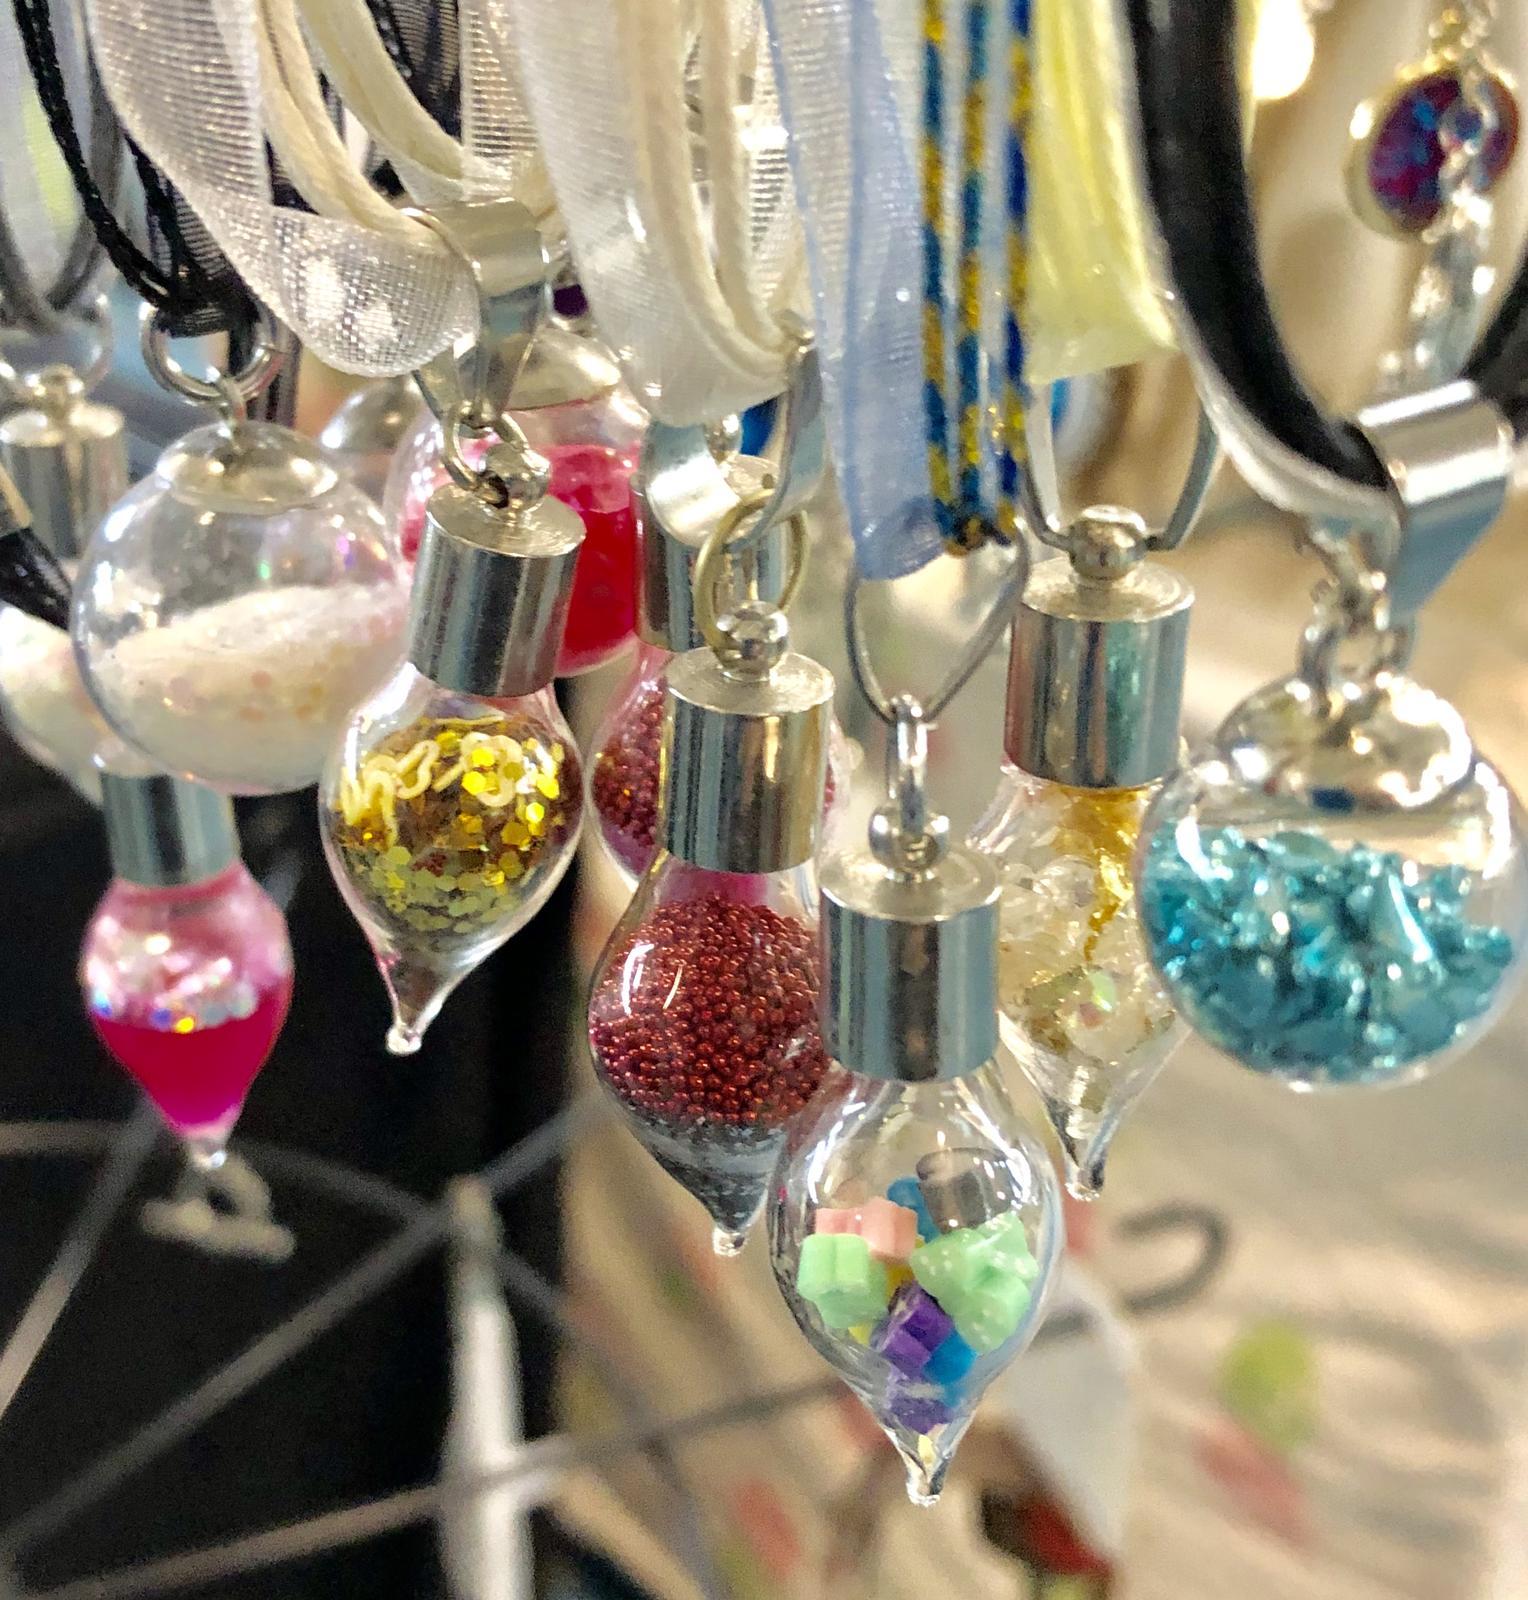 Some little magic bubble necklaces